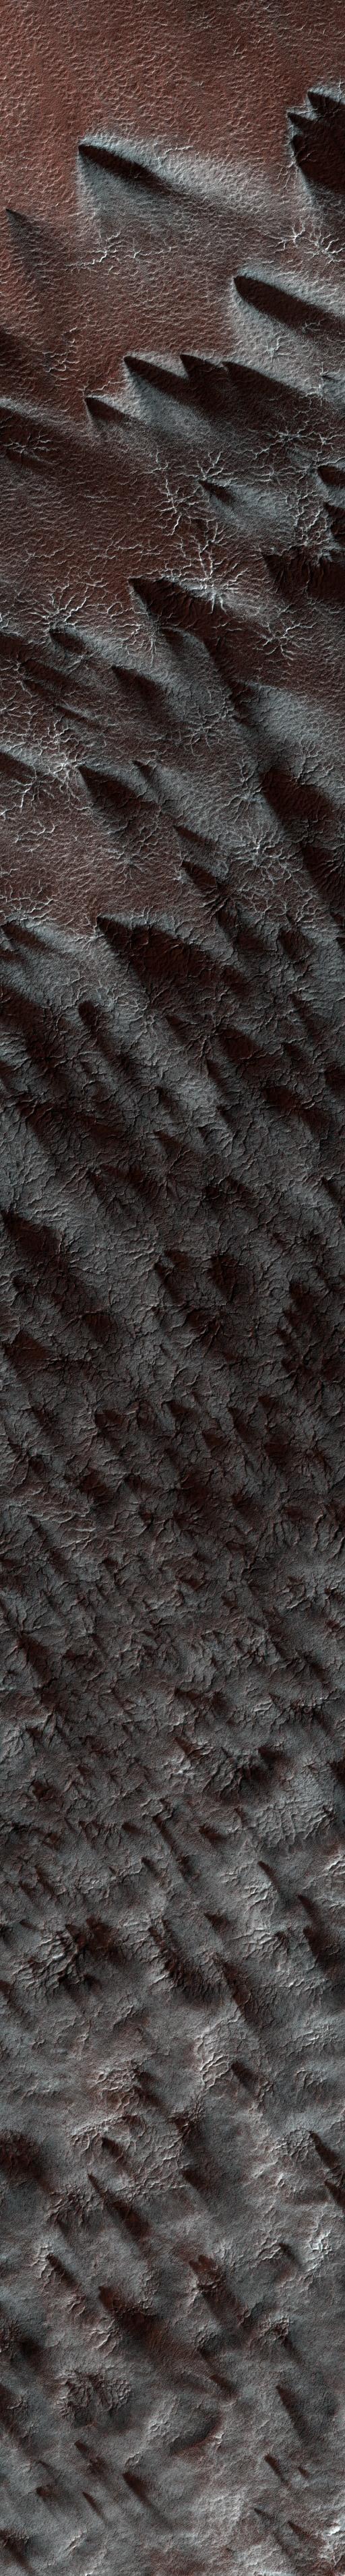 Ветер и лед на Марсе - 10